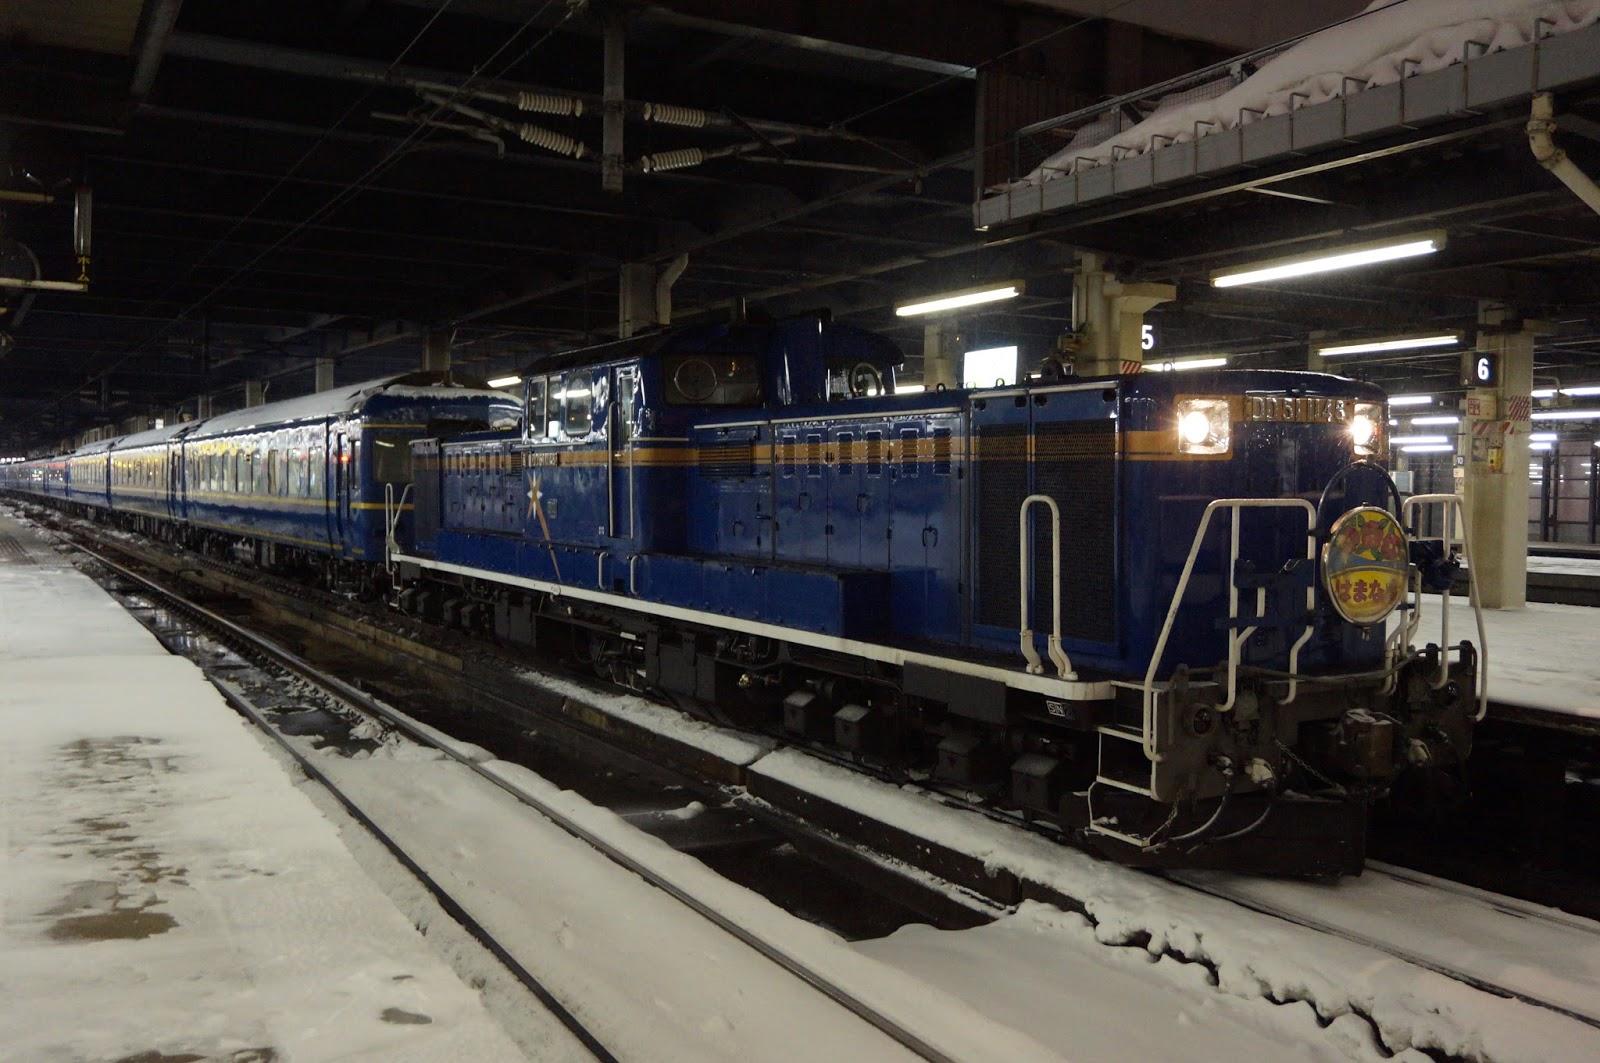 札幌駅停車中の急行はまなす